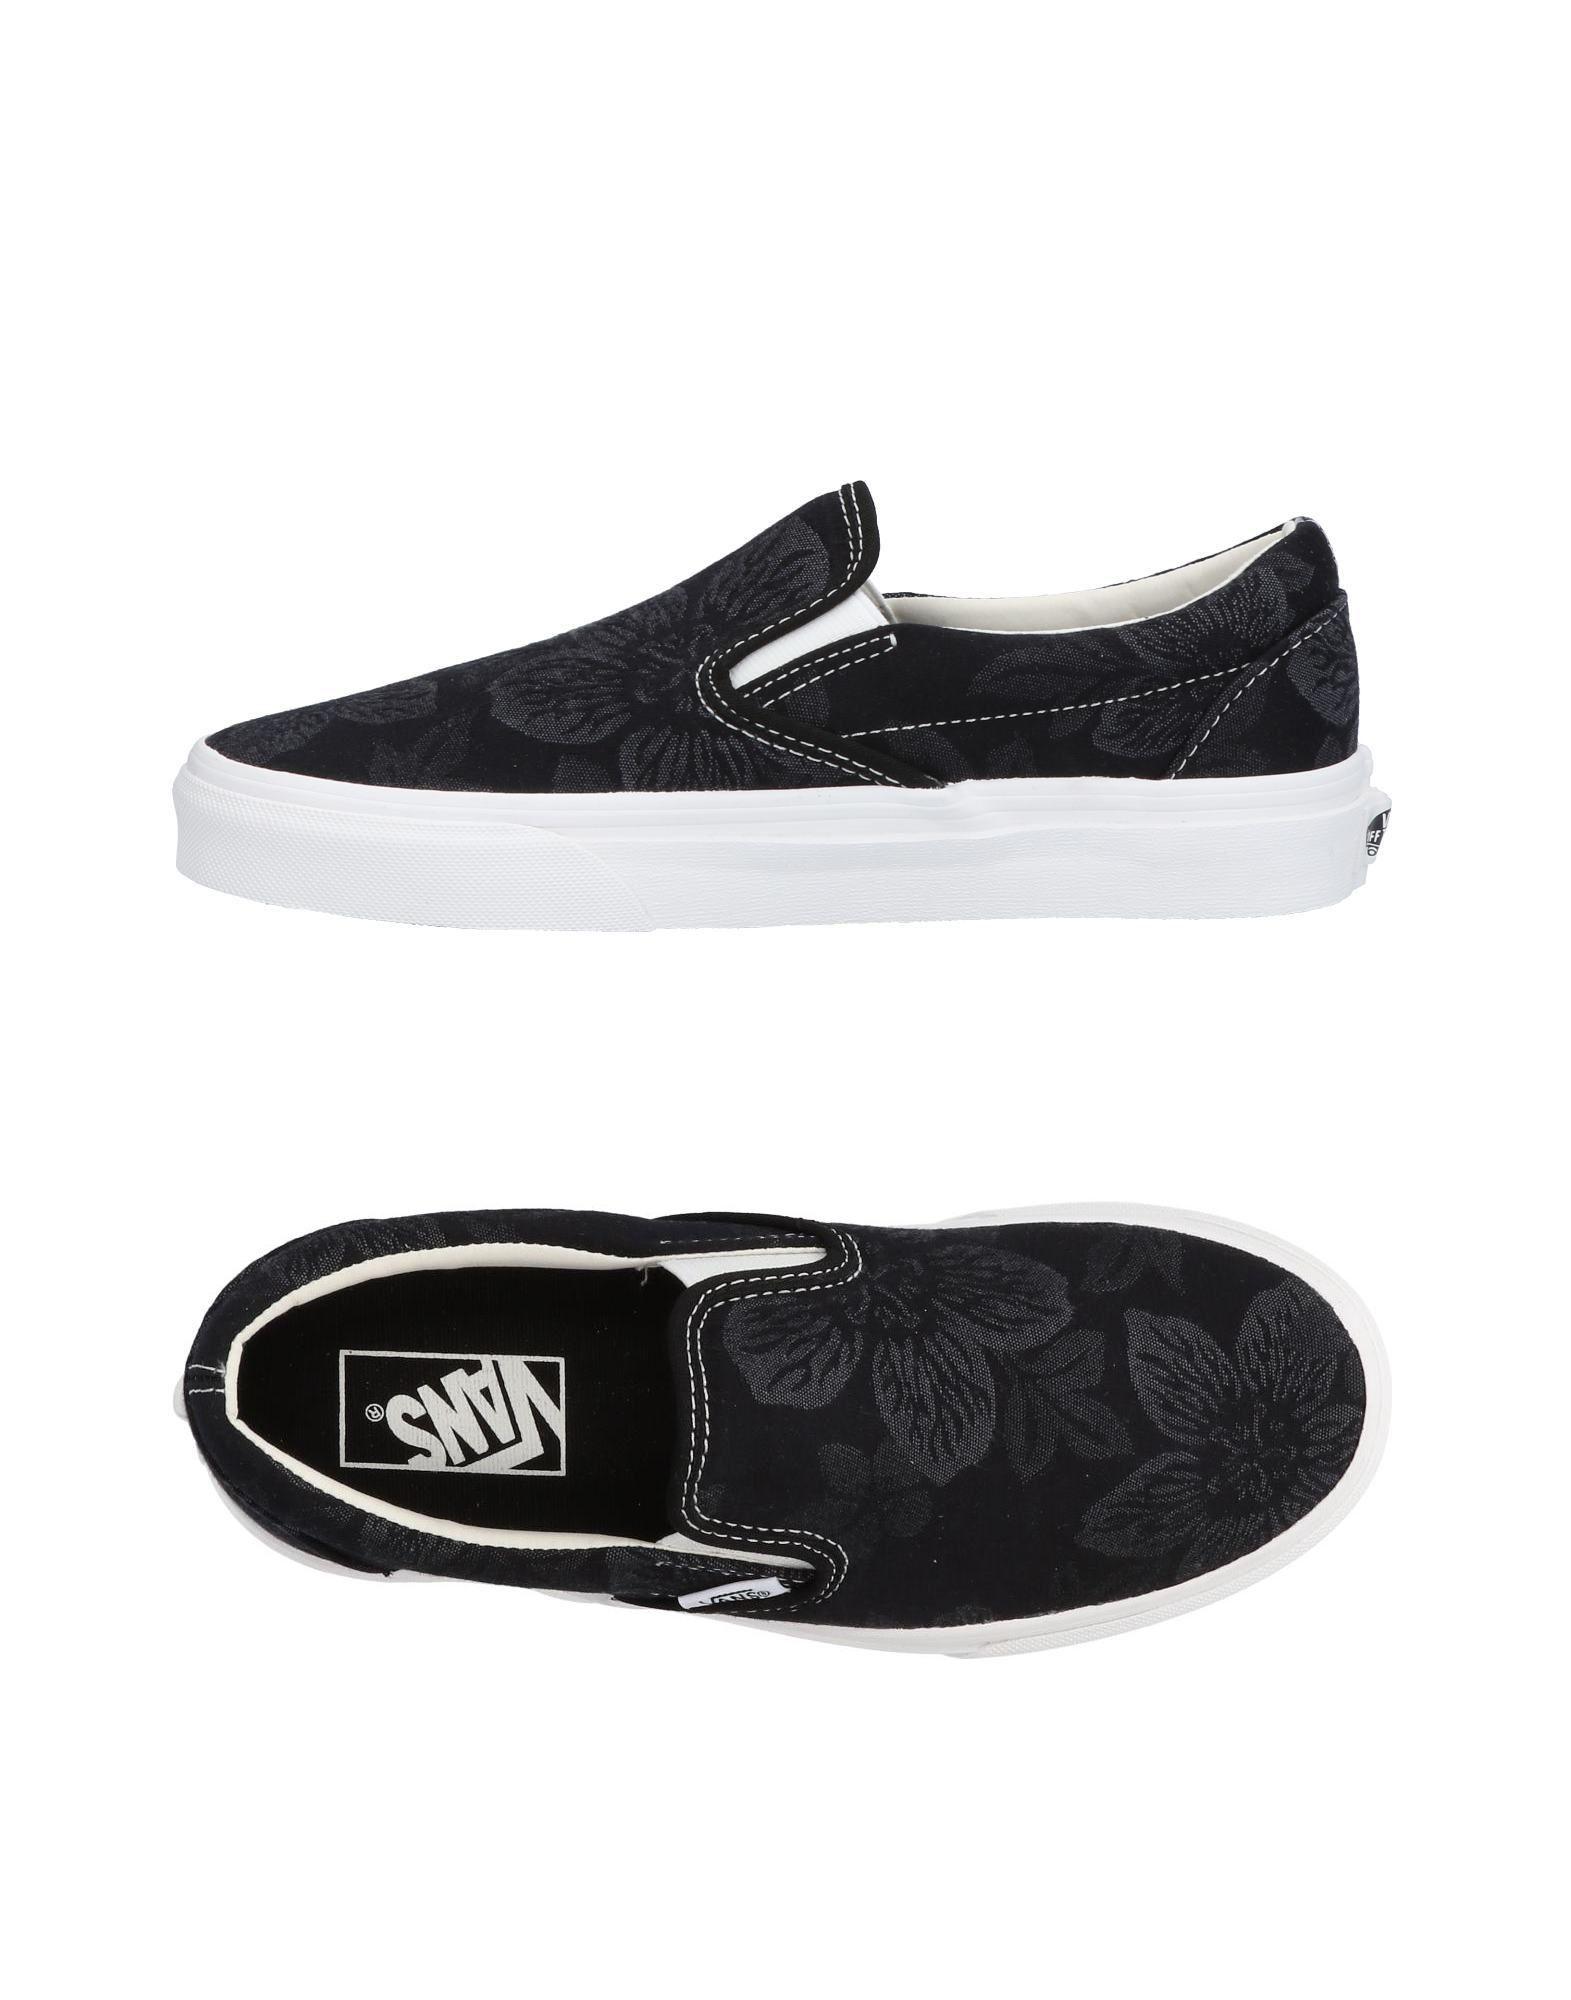 Cómodo y bien parecido -  Zapatillas Vans Hombre - parecido Zapatillas Vans e3b4e0